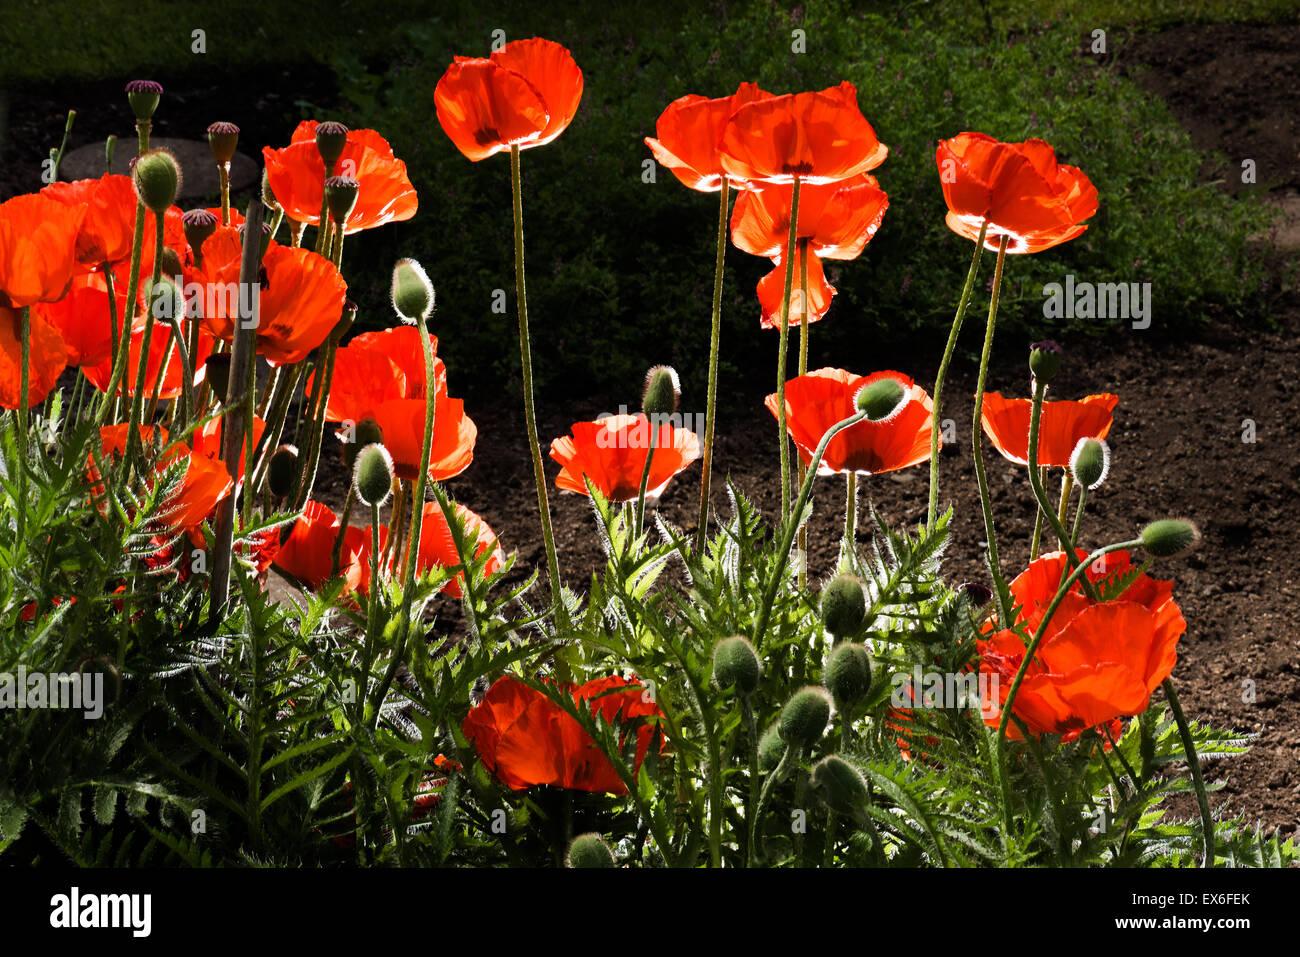 Mohn Mohnblumen im Gegenlicht, Hintergrund rot schwarz, Raum für das Textlayout, fühle mich gut, Wellness Stockbild